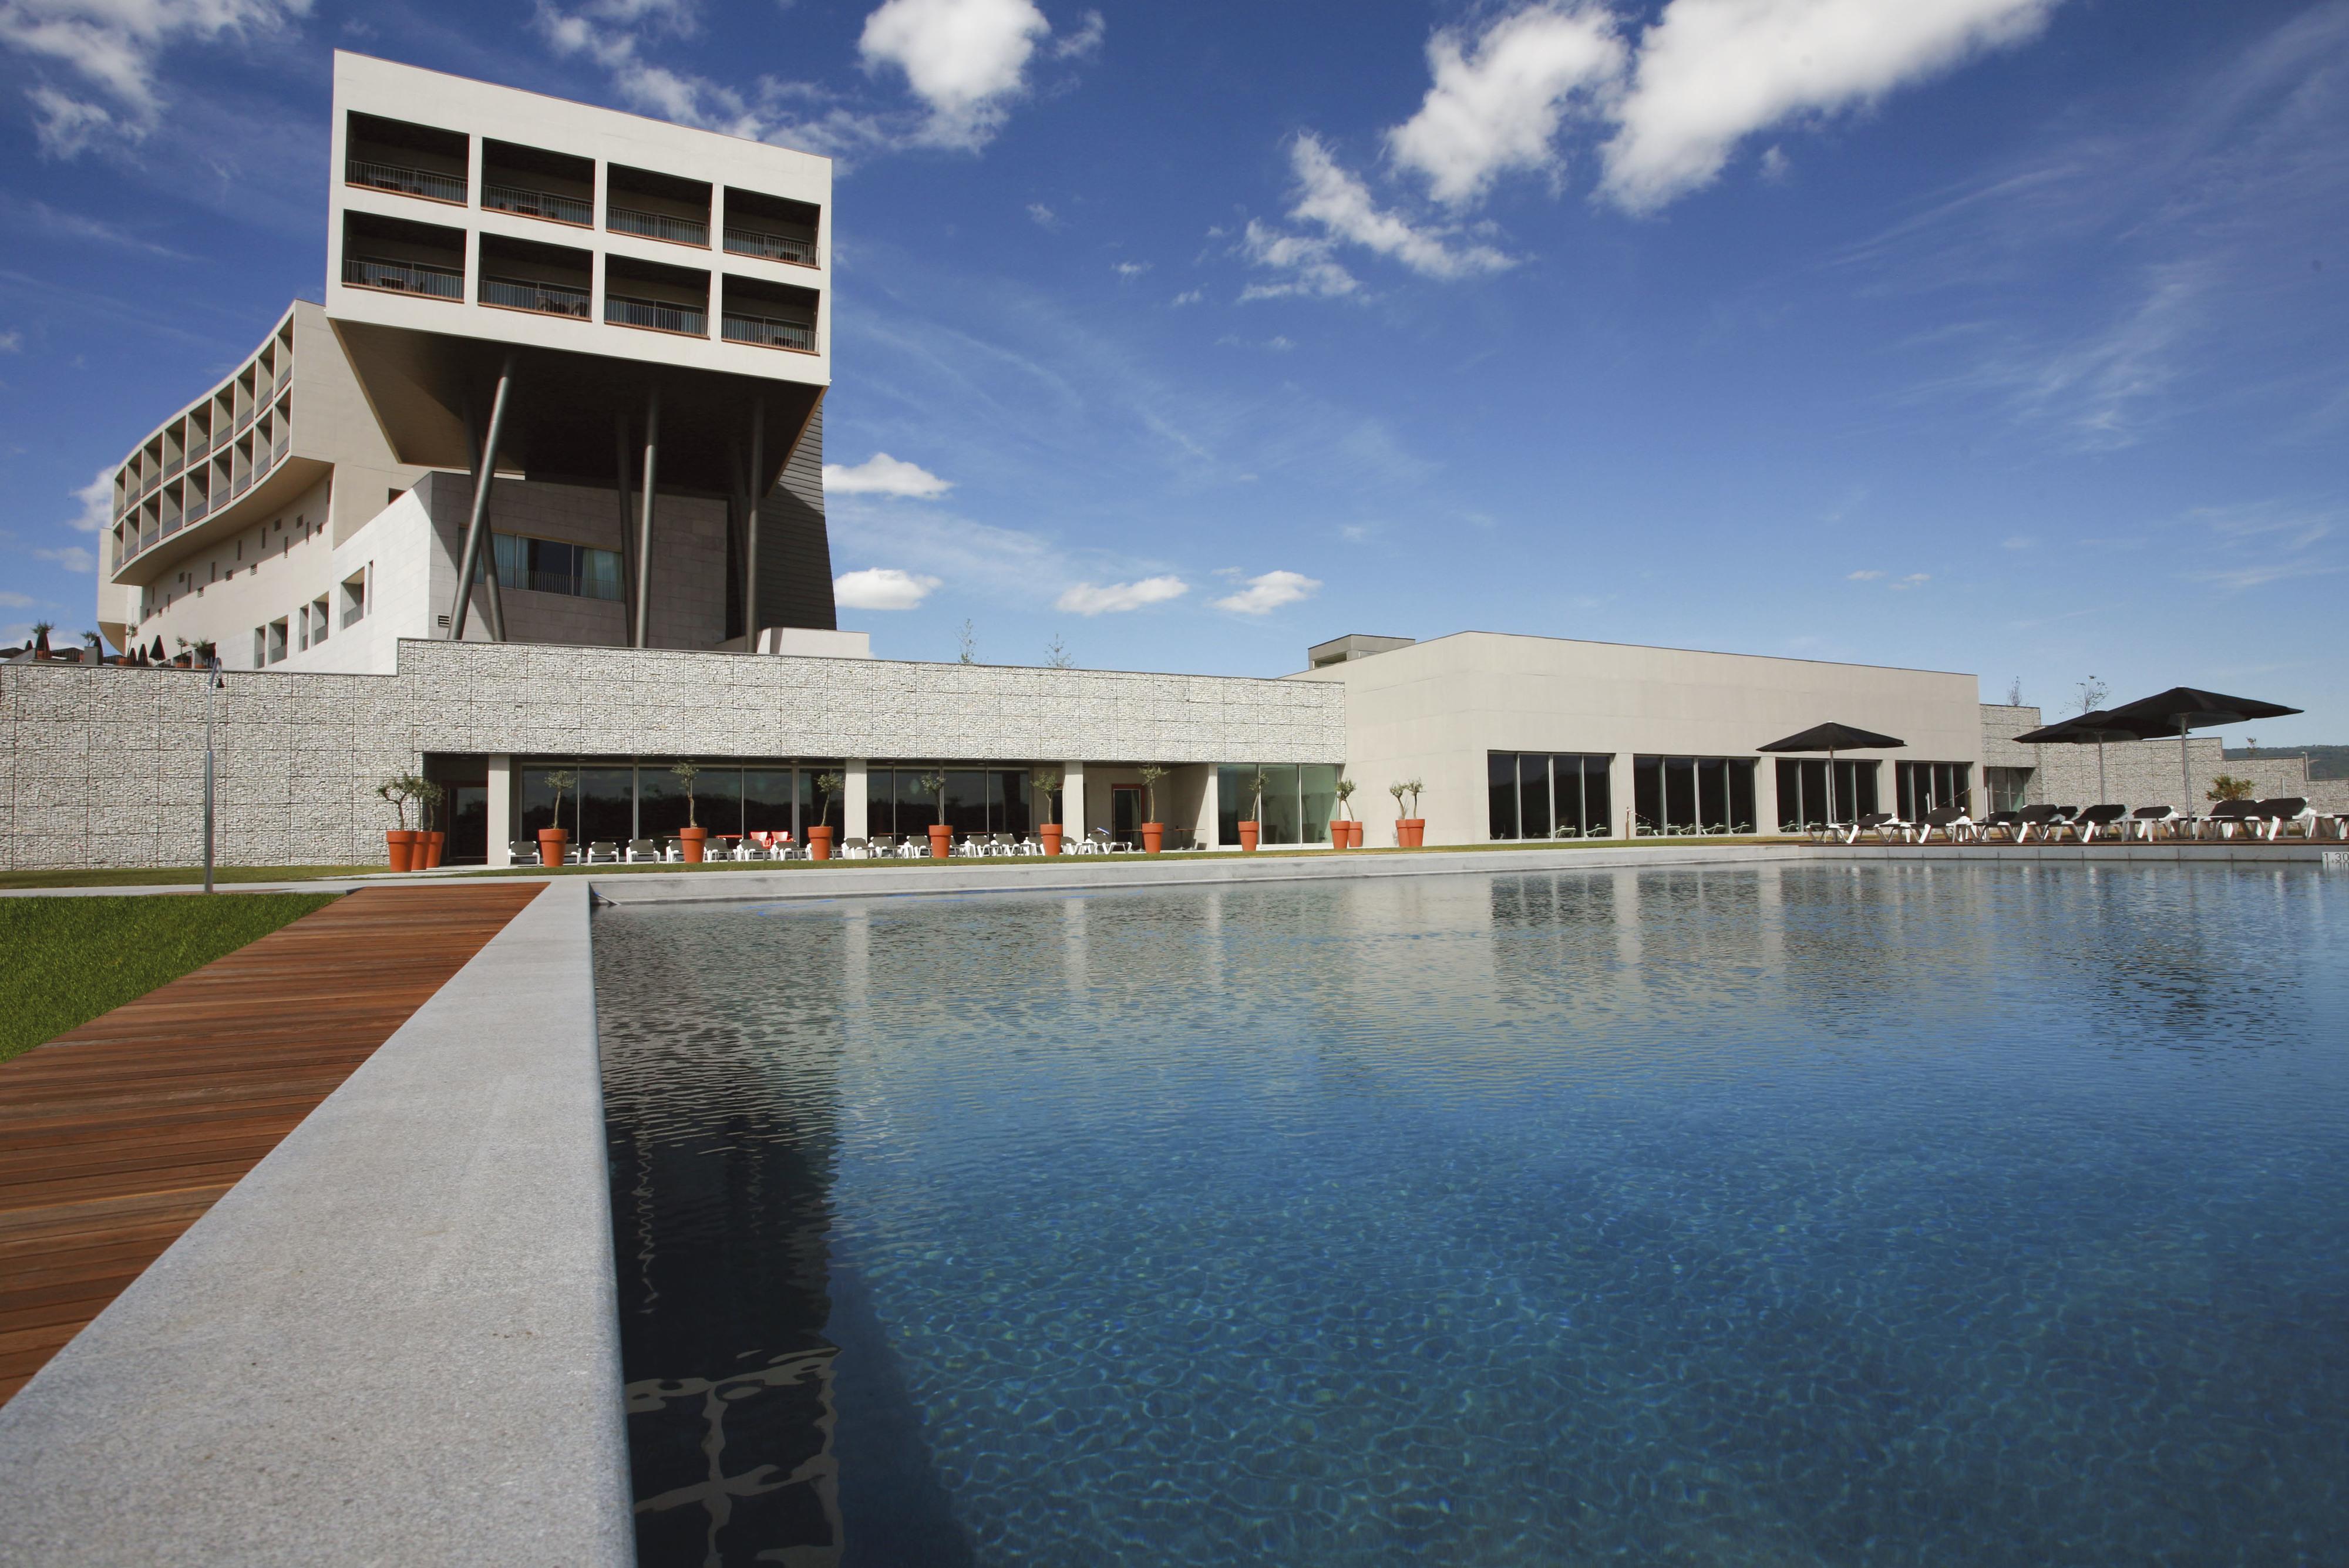 Hotel Casino Chaves: Se procura uma escapadinha relaxante e divertida esta é uma aposta ganha